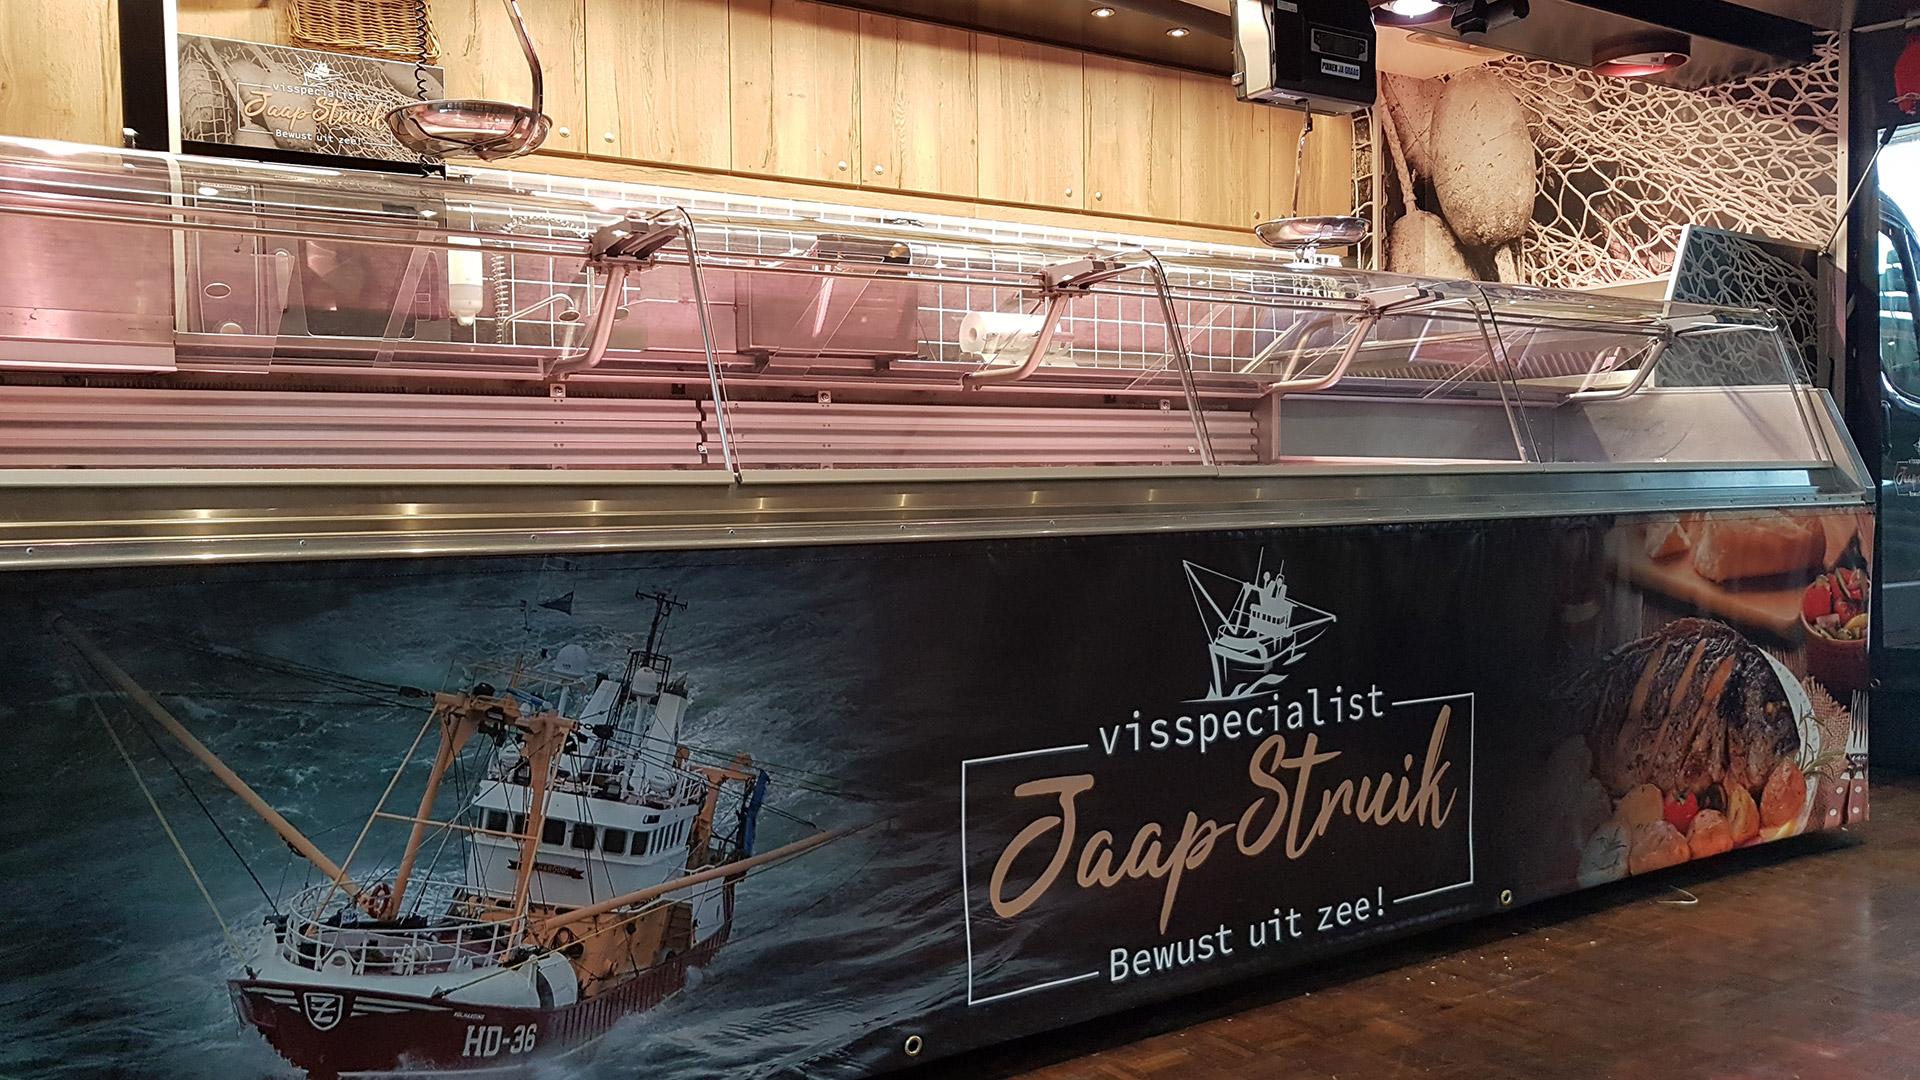 Zeilen aan verkoopwagen visspecialist Jaap Struik